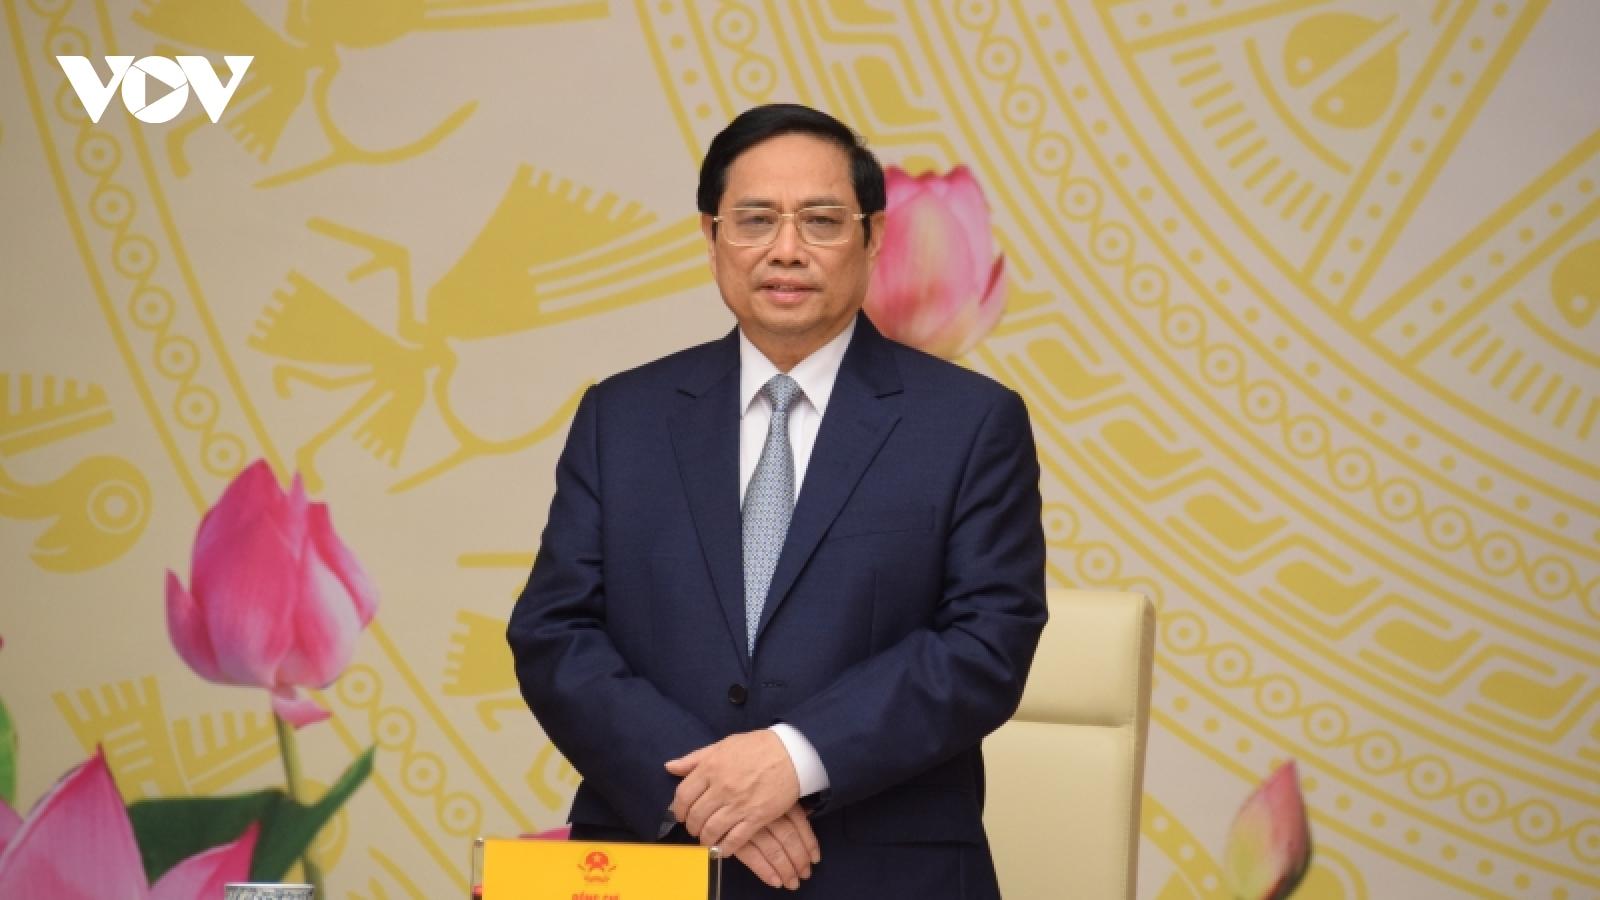 Thủ tướng mong muốn doanh nhân Việt Nam viết tiếp trang sử vẻ vang